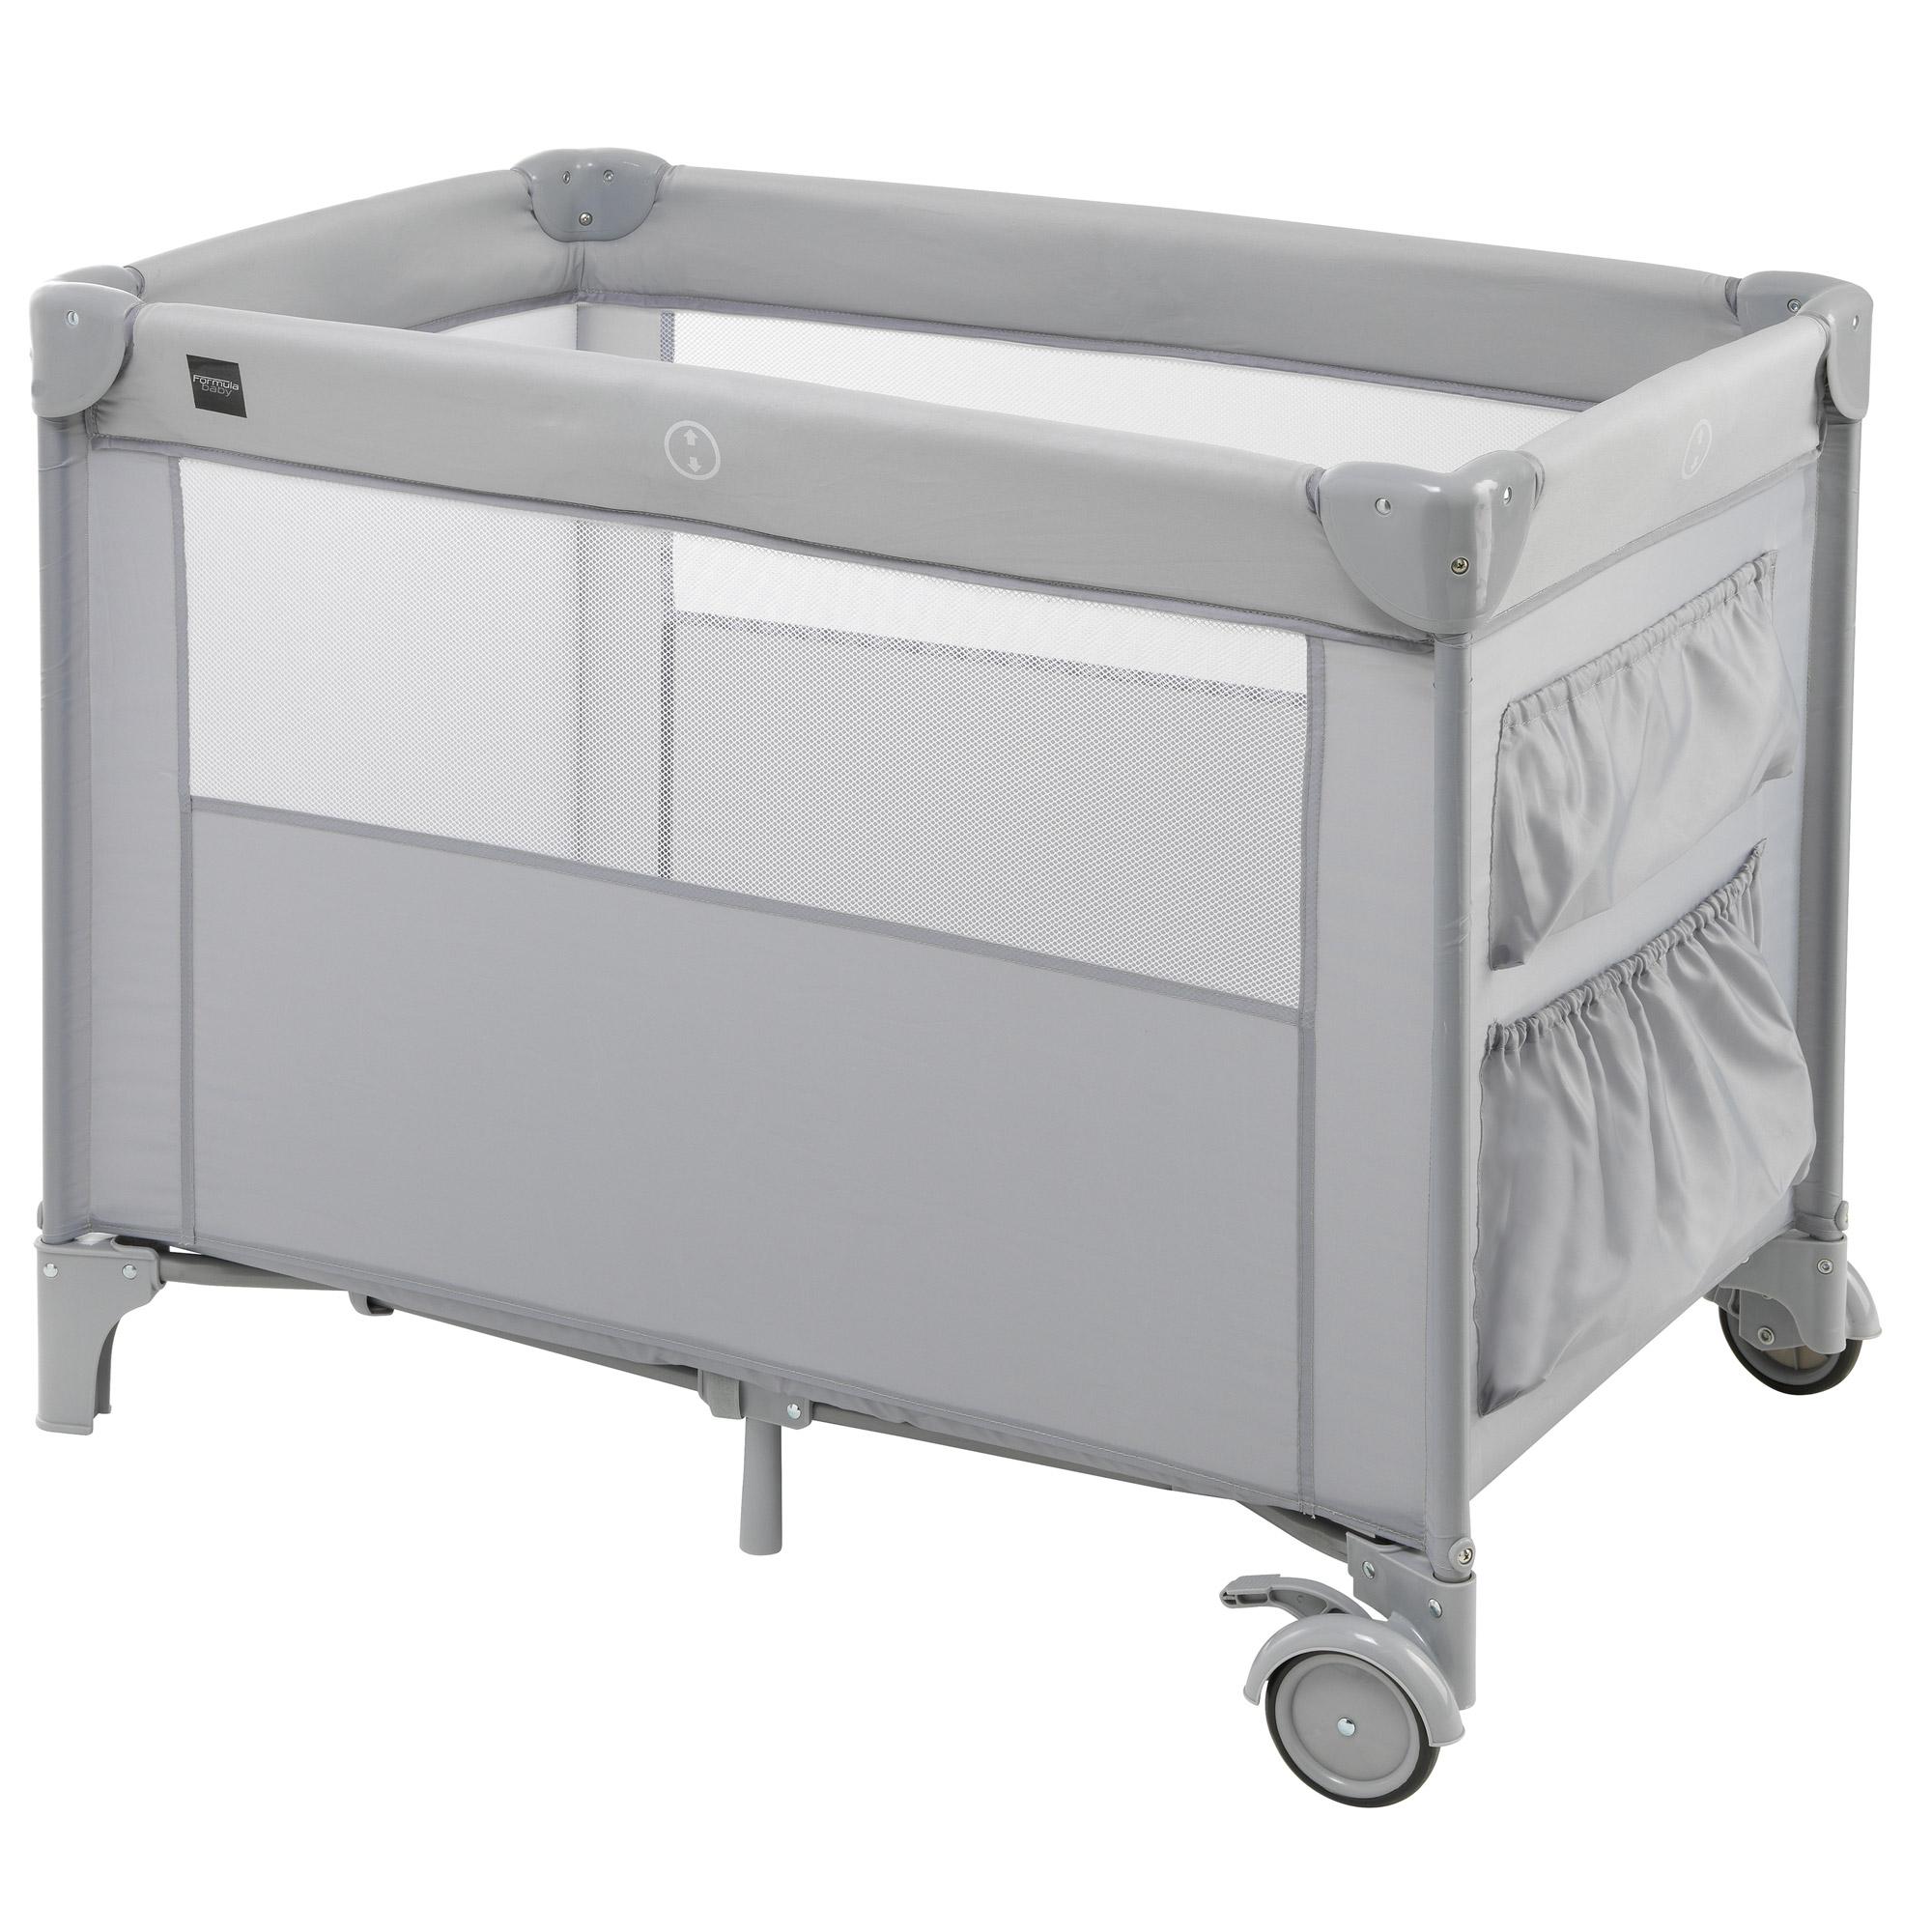 lit compact gris de formula baby lits parapluies aubert. Black Bedroom Furniture Sets. Home Design Ideas